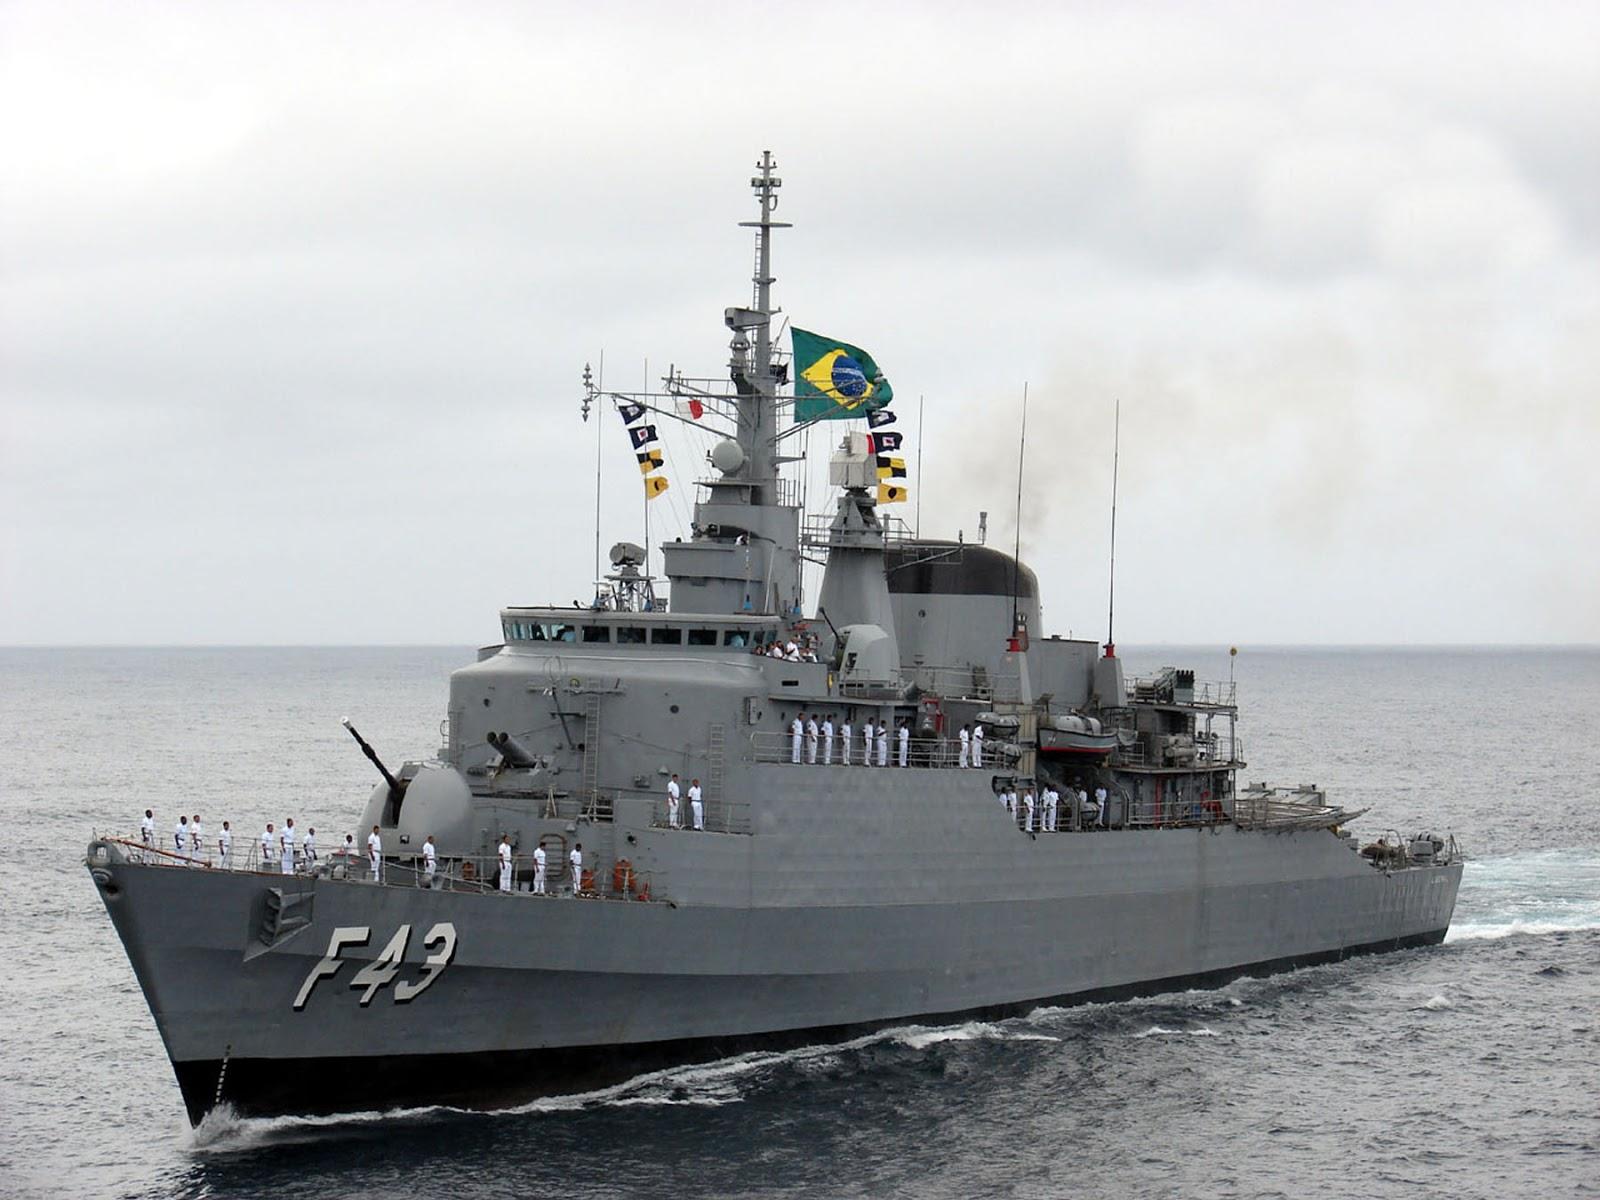 Navio da Marinha é aberto à visitação no Porto do Recife